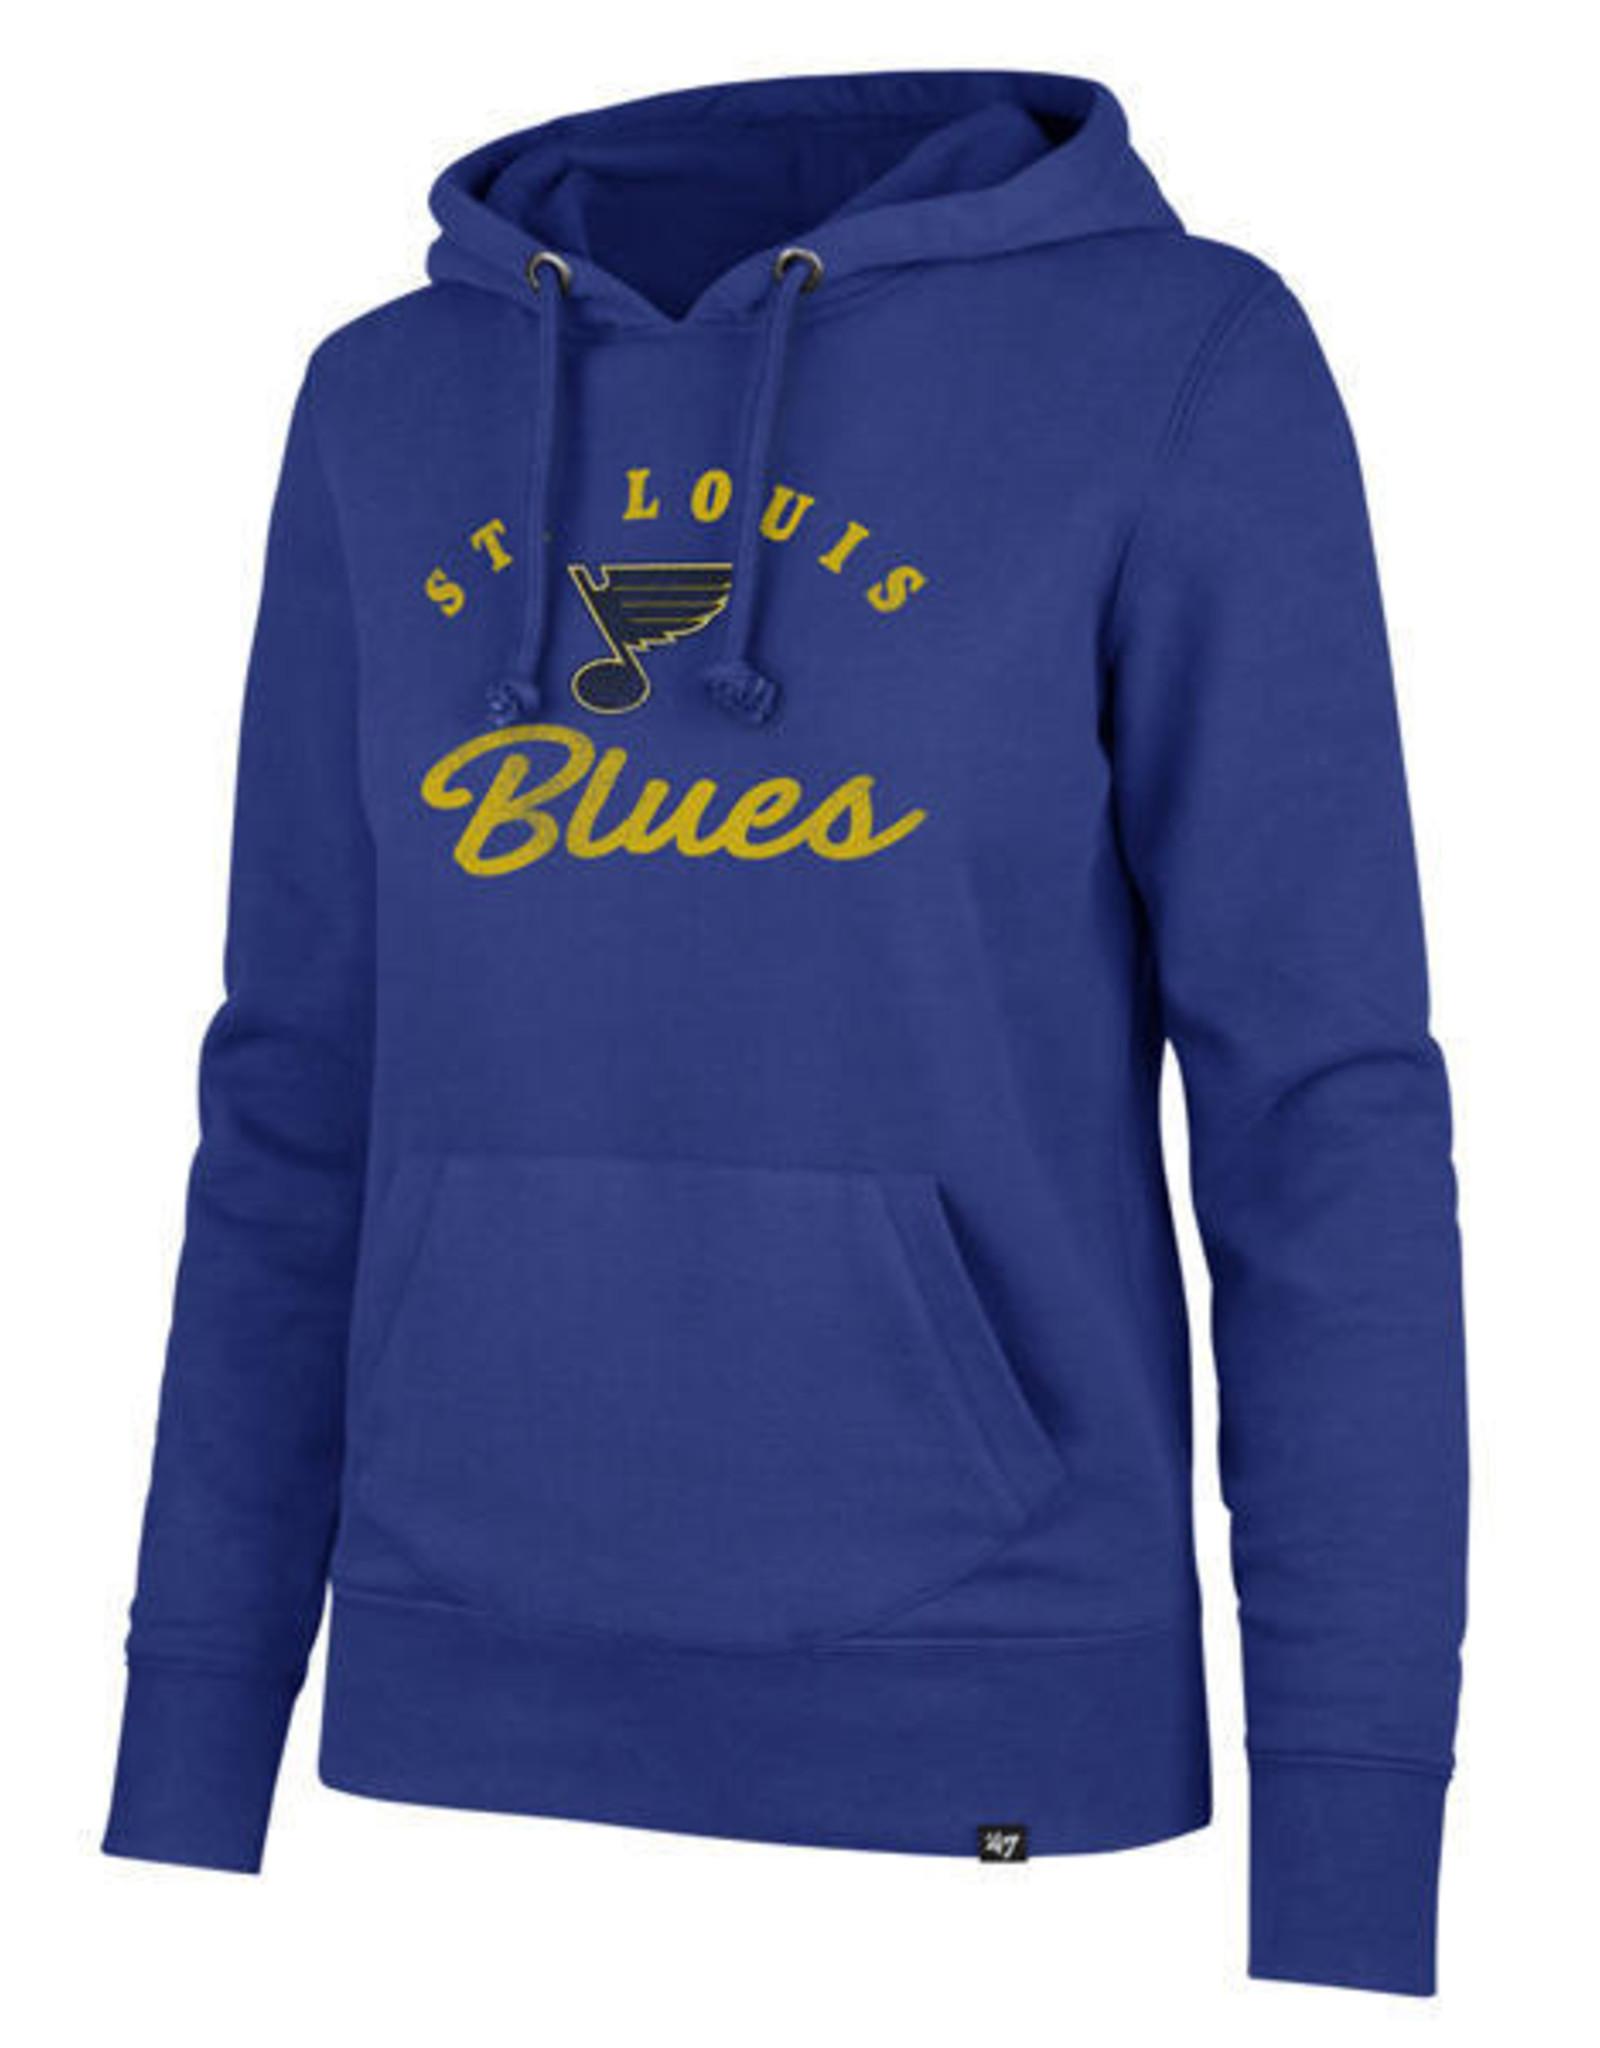 47 Brand 47 Brand St. Louis Blues Hoody (Women's)